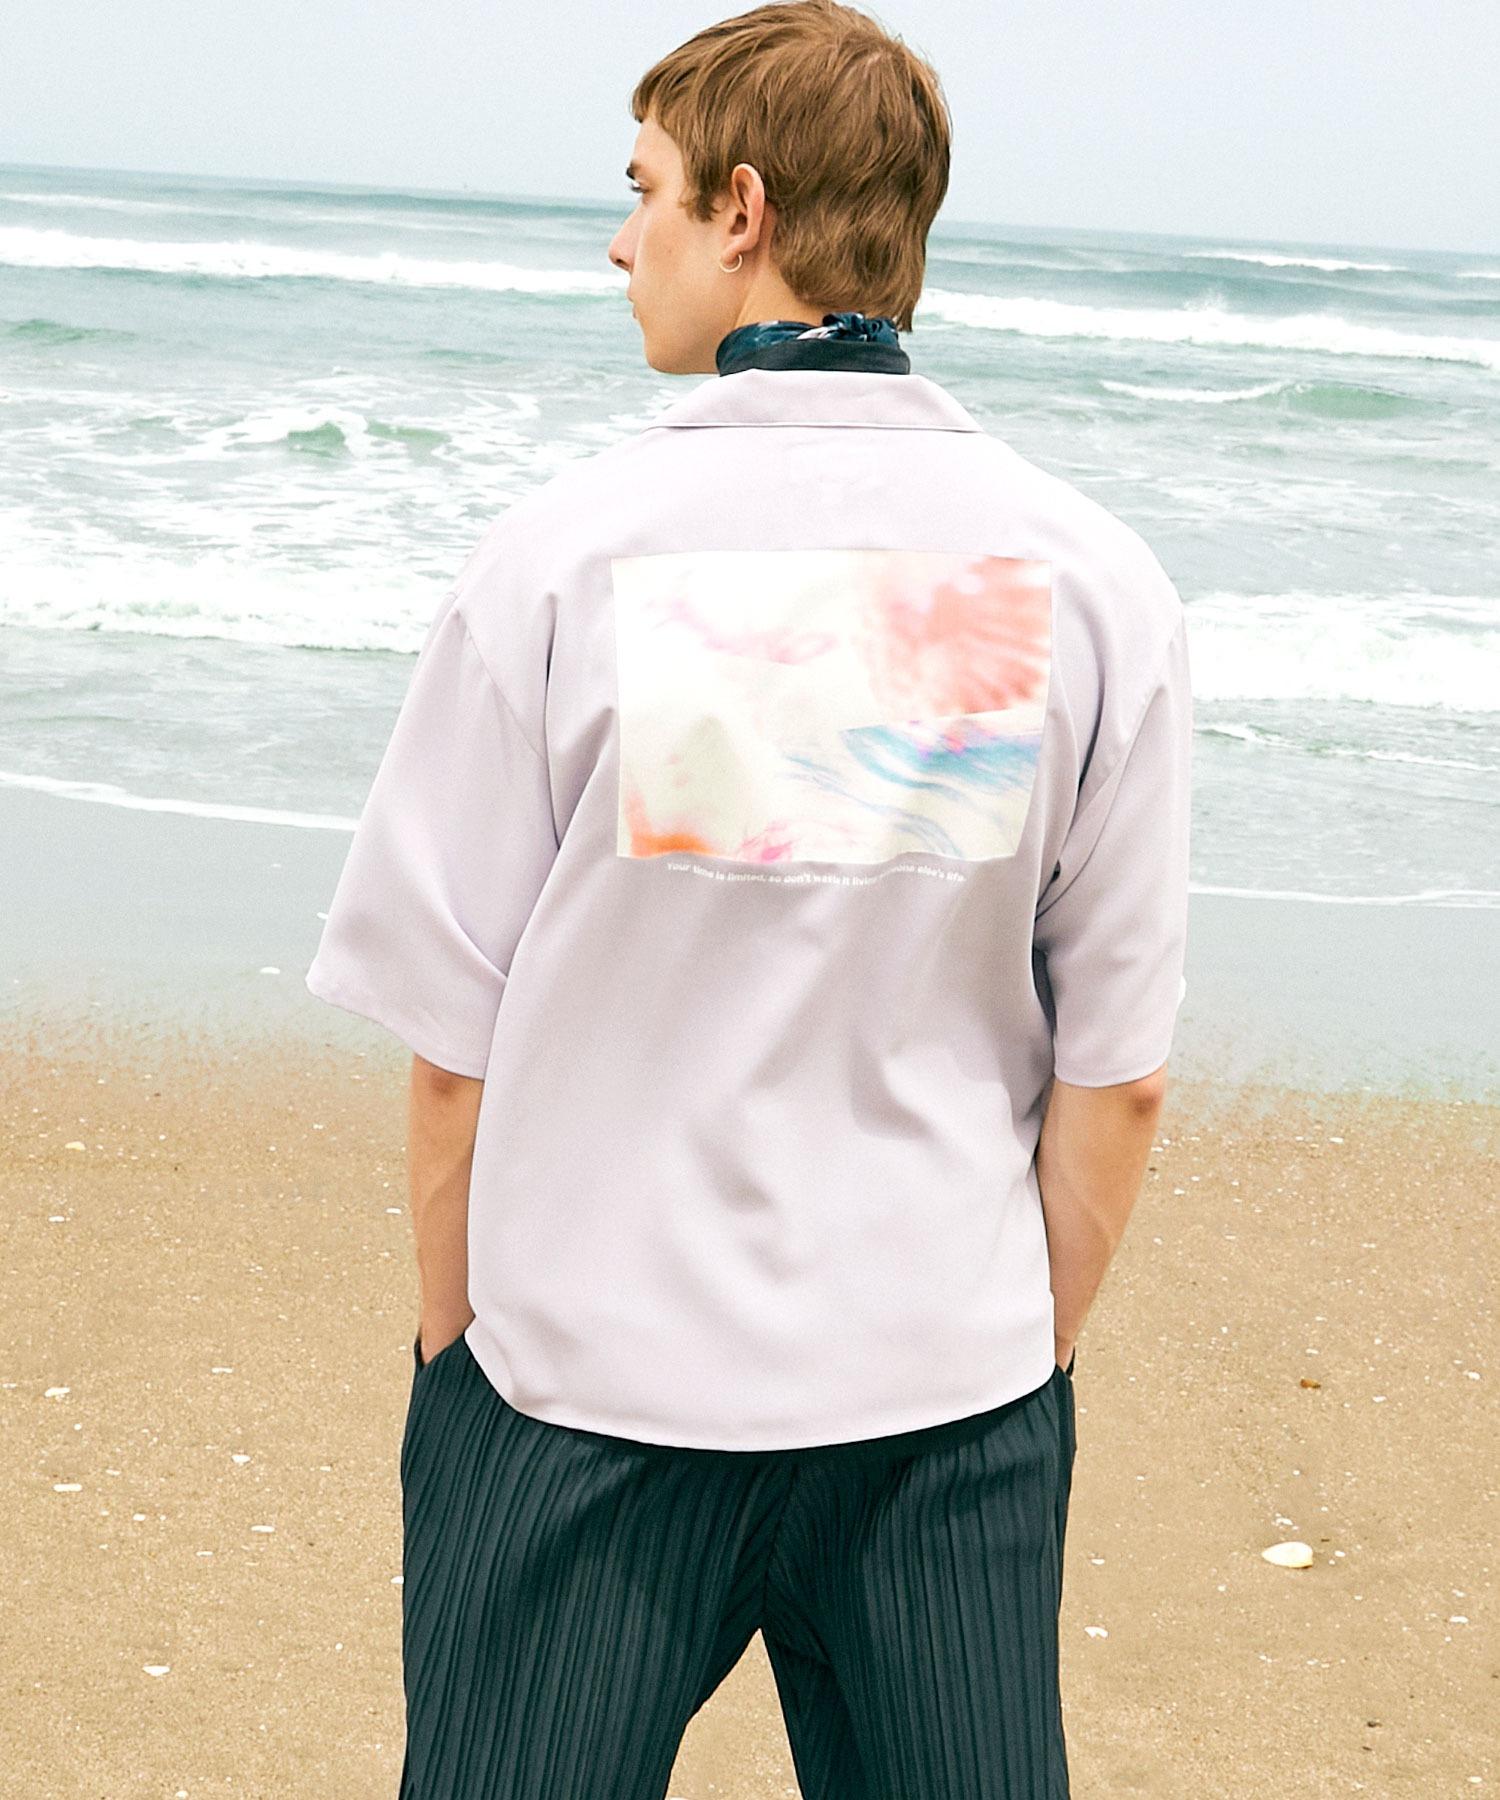 ブライト ポプリン リラックス ドレープ オープンカラー1/2 Sleeveシャツ EMMA CLOTHES 2021 SUMMER